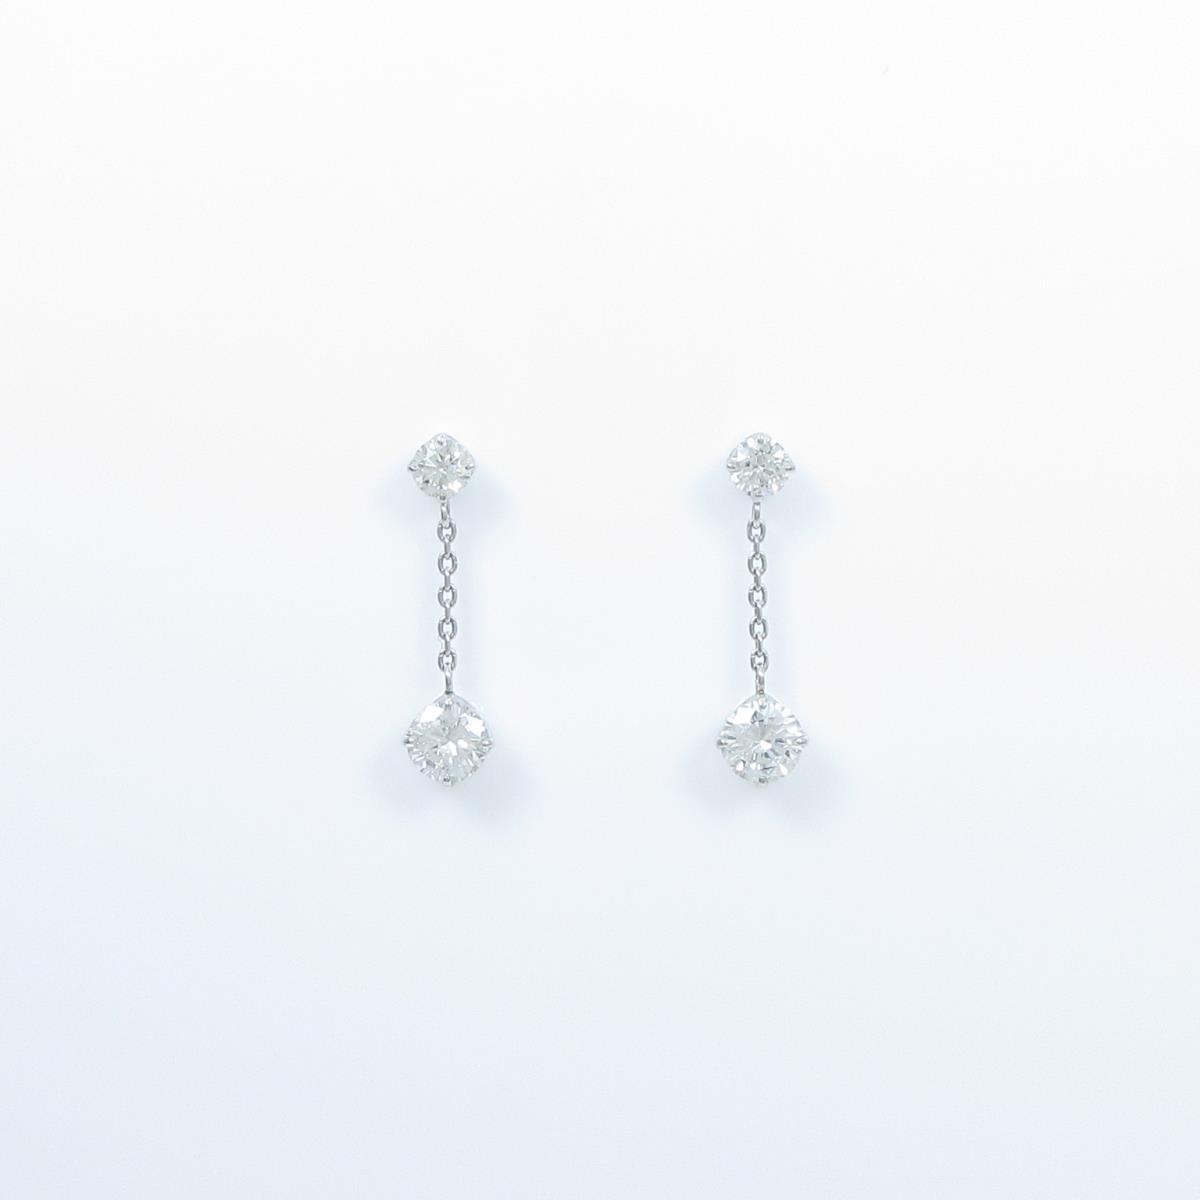 【新品】プラチナダイヤモンドピアス 0.255ct・0.253ct・G・SI2・GOOD【新品】